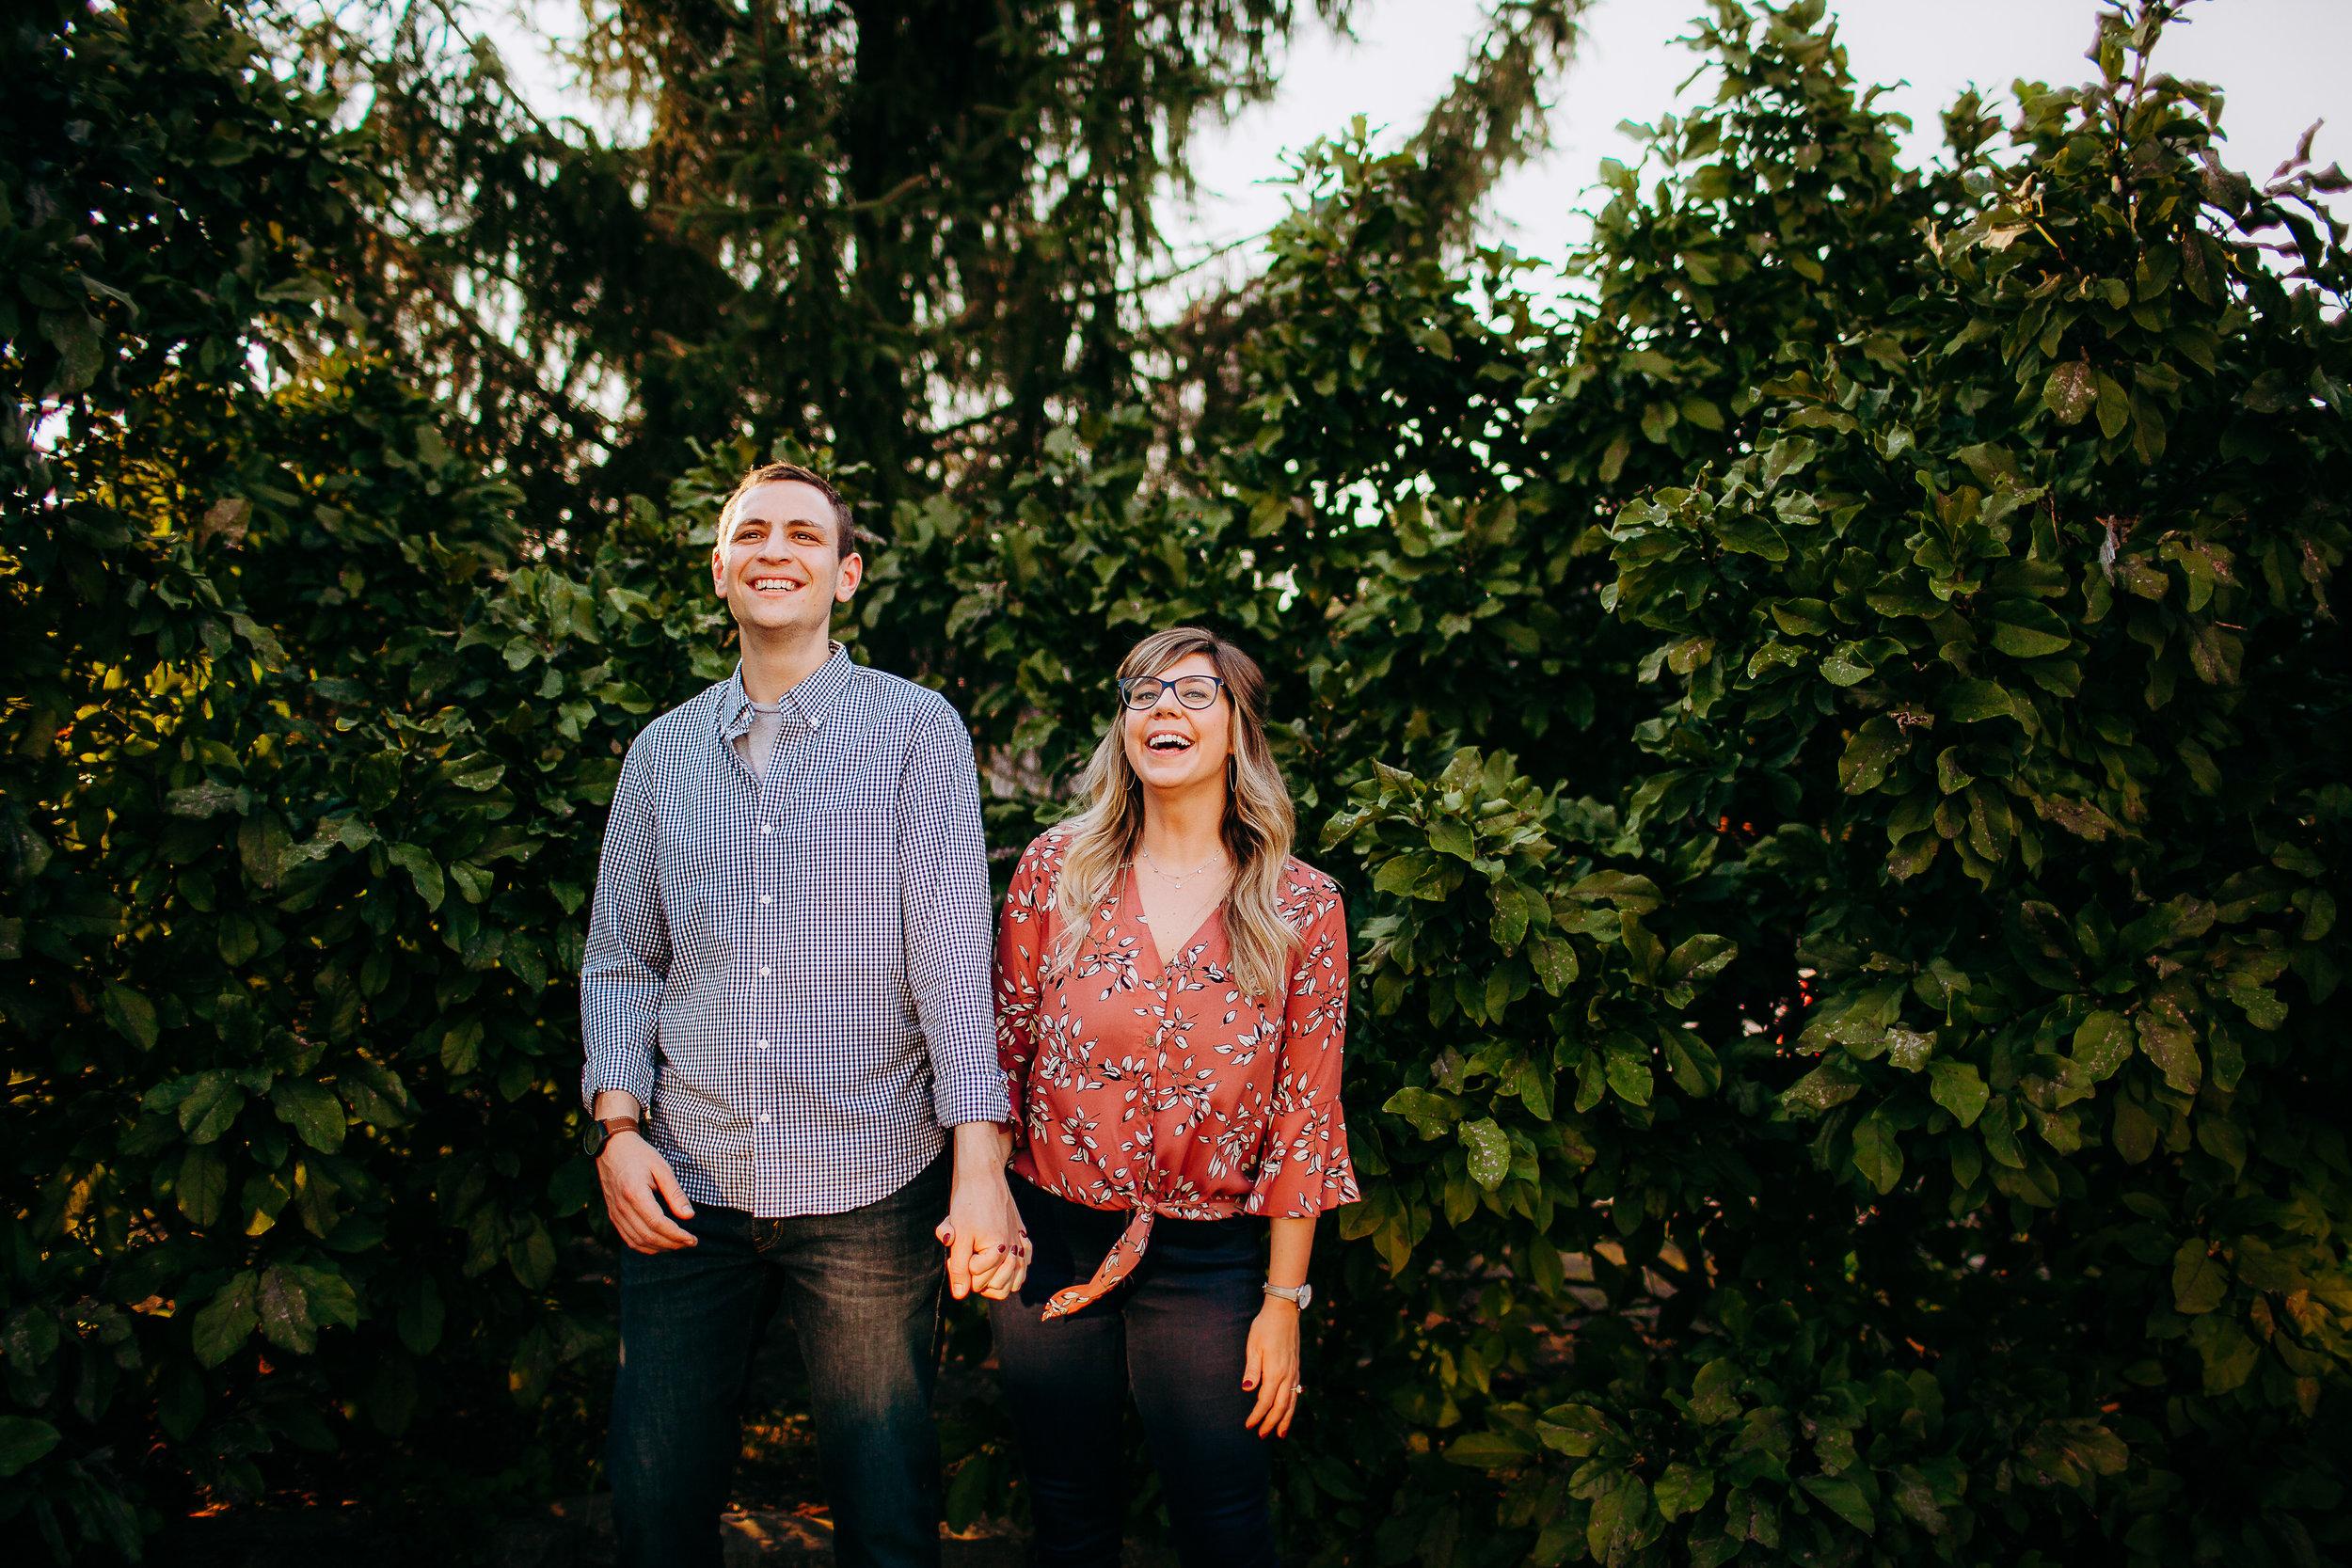 045 Laura & John Engagement - 20180919.jpg